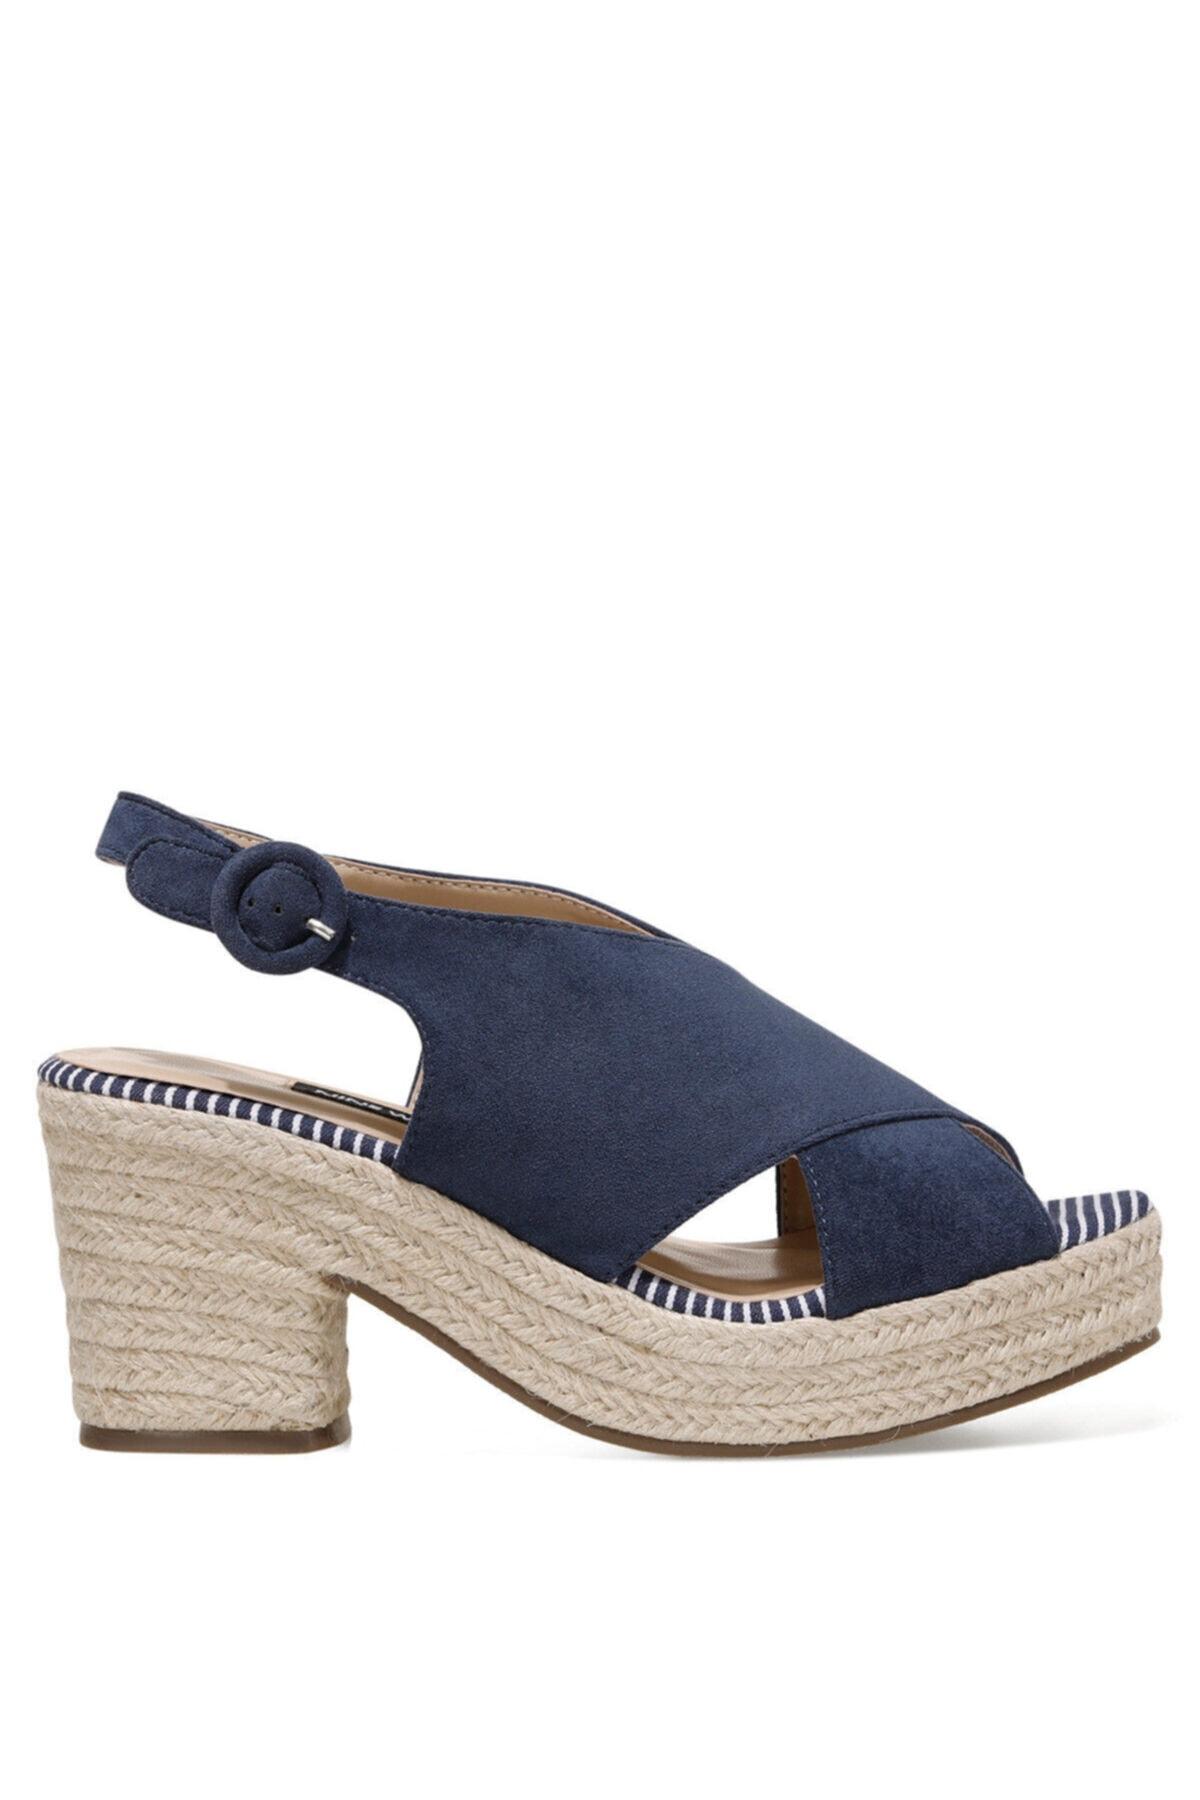 Nine West NORMINA Lacivert Kadın Dolgu Topuk Sandalet 100524806 1